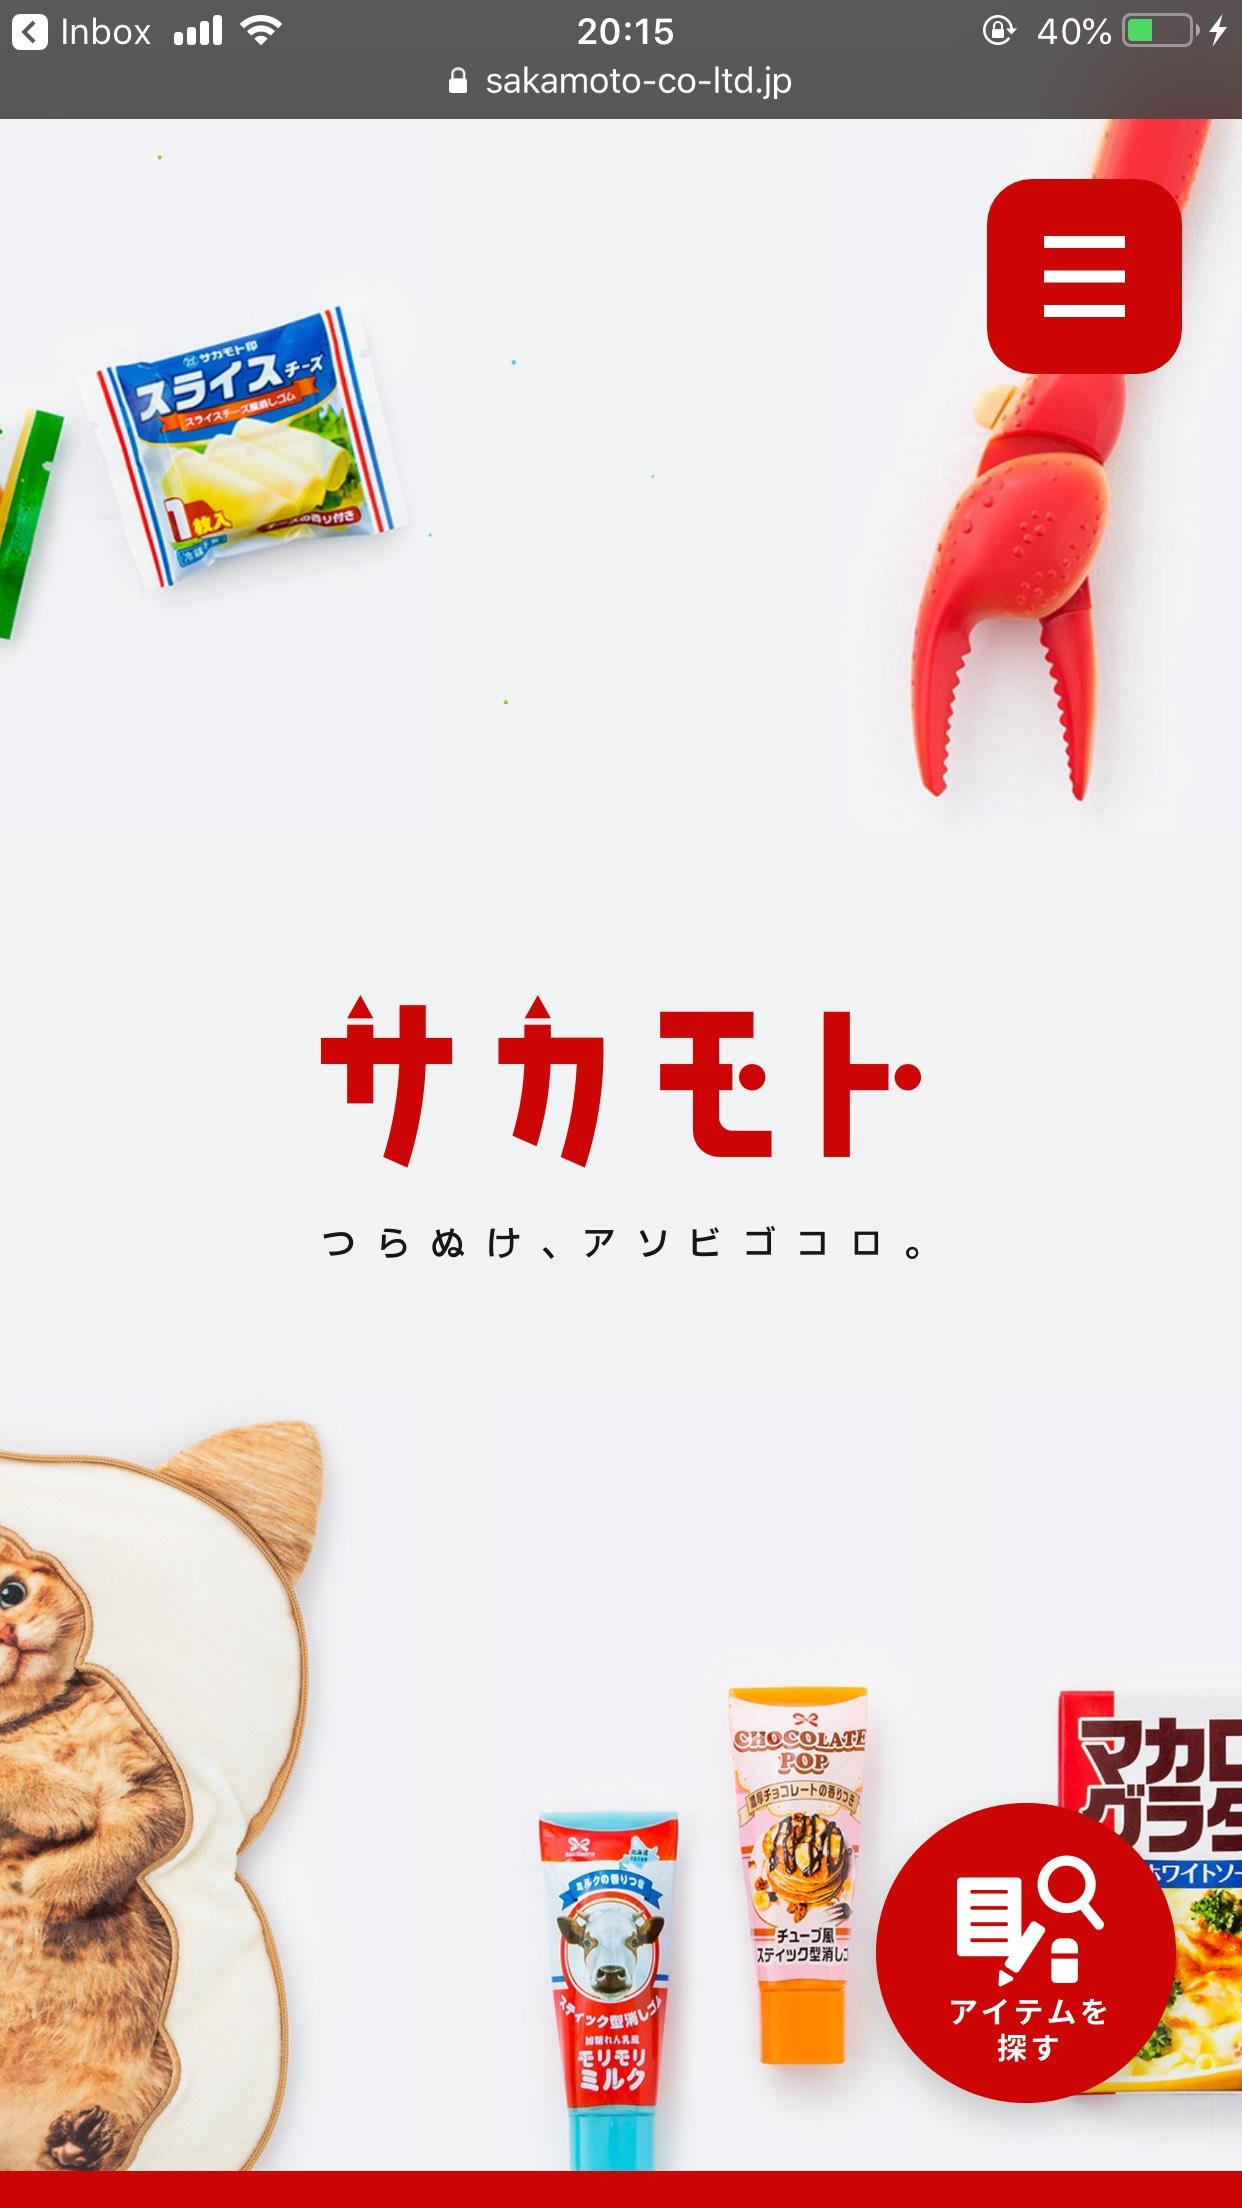 株式会社サカモト | キャラクター雑貨の企画、製造